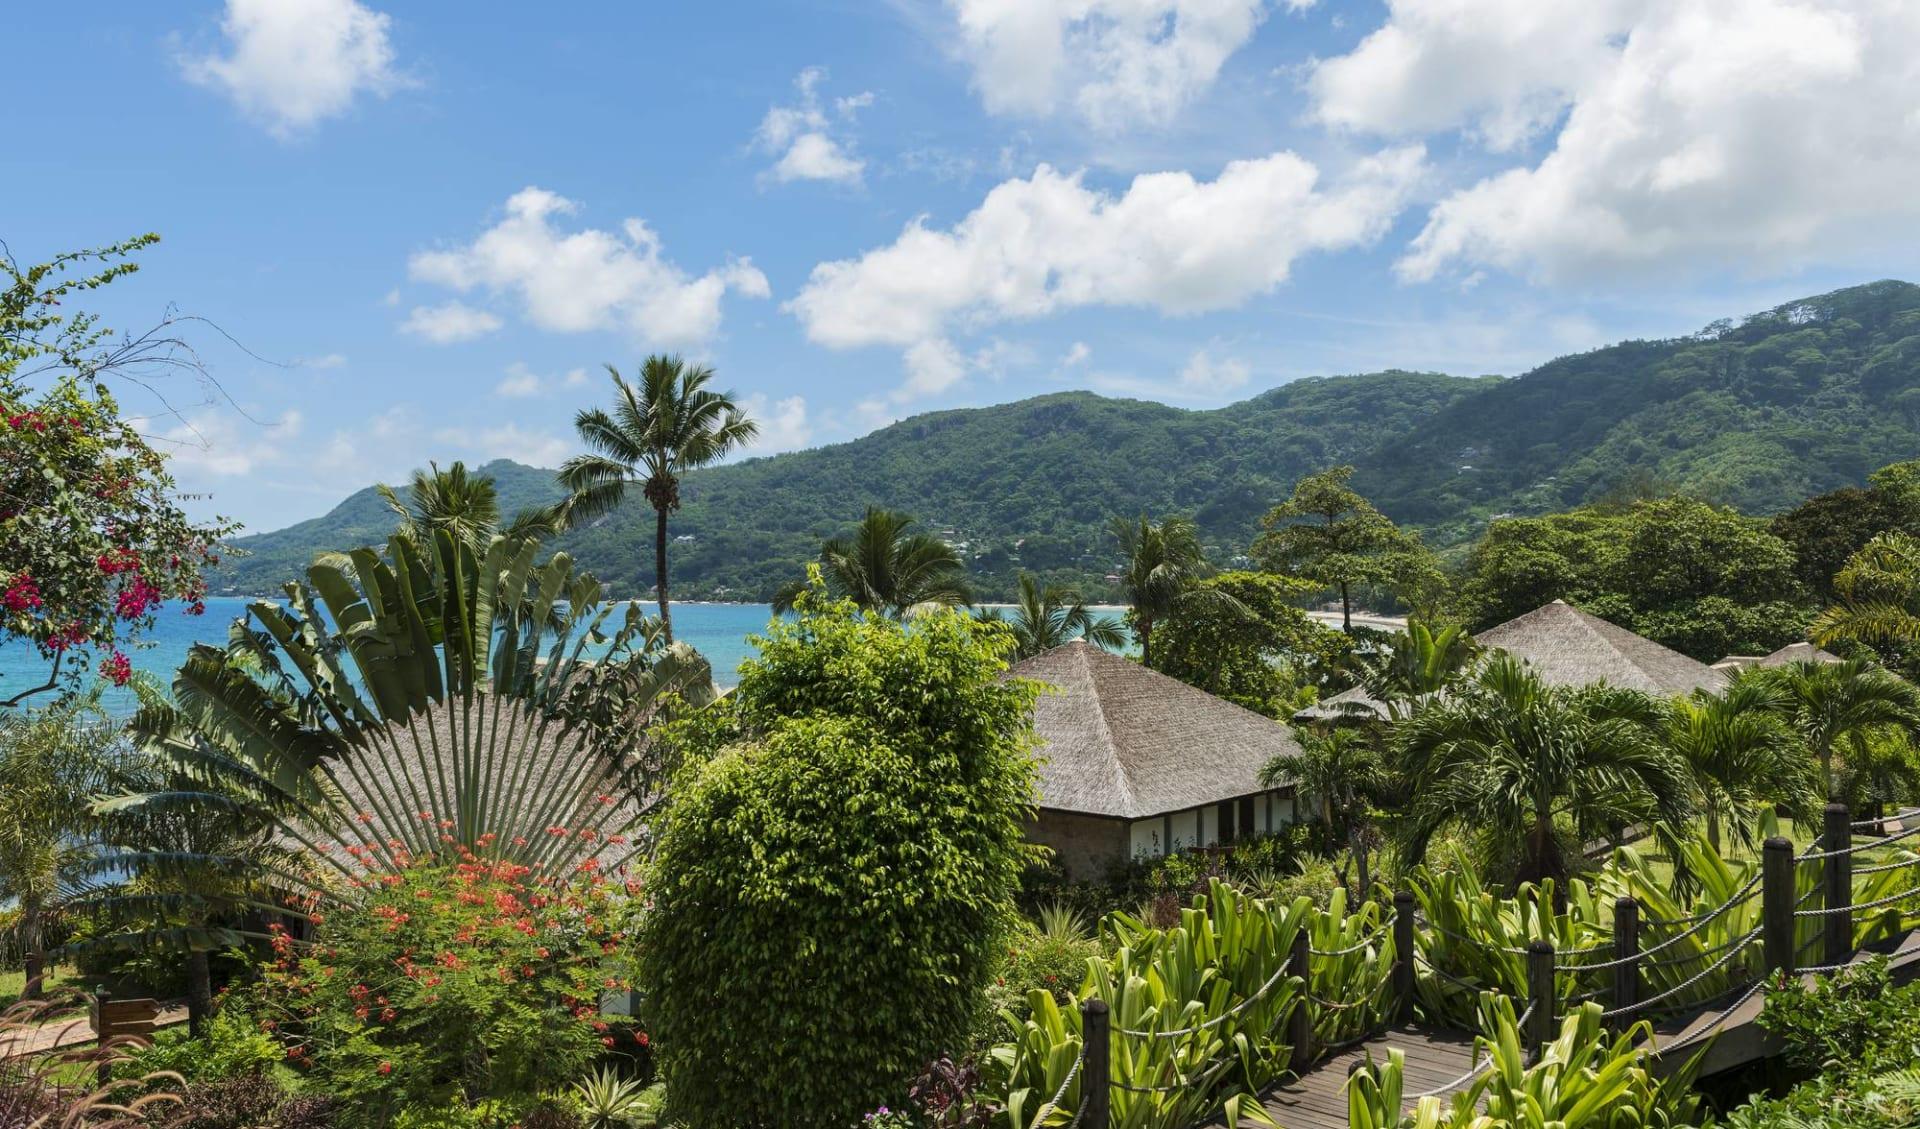 Fisherman's Cove Resort in Mahé: